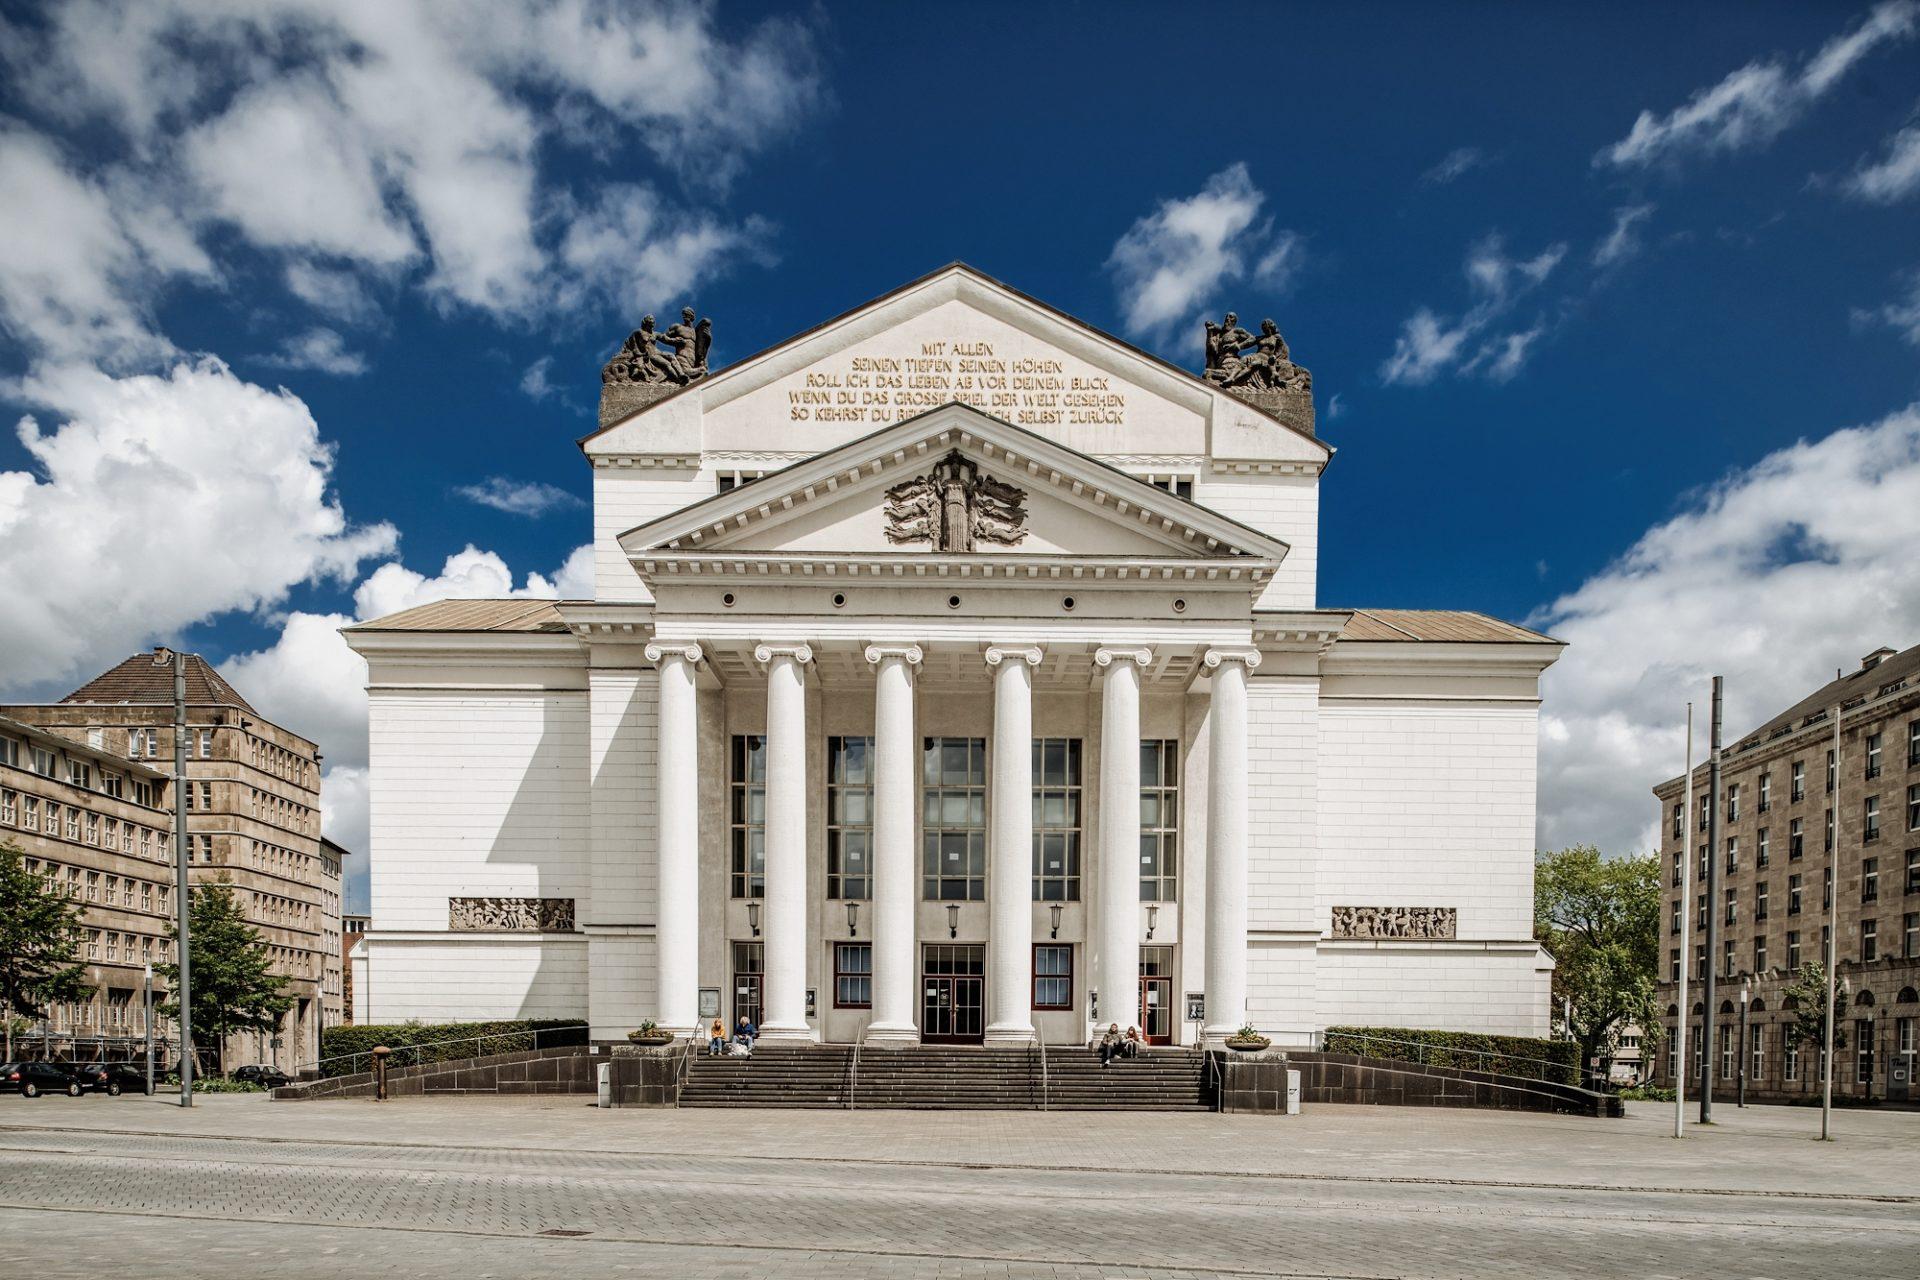 Das Stadttheater Duisburg wurde ursprünglich 1911/12 errichtet und nach dem Zweiten Weltkrieg wieder aufgebaut. Prägend sind seine sechs Säulen und ein Schiller-Zitat auf dem Giebel. Foto: Andreas Endermann